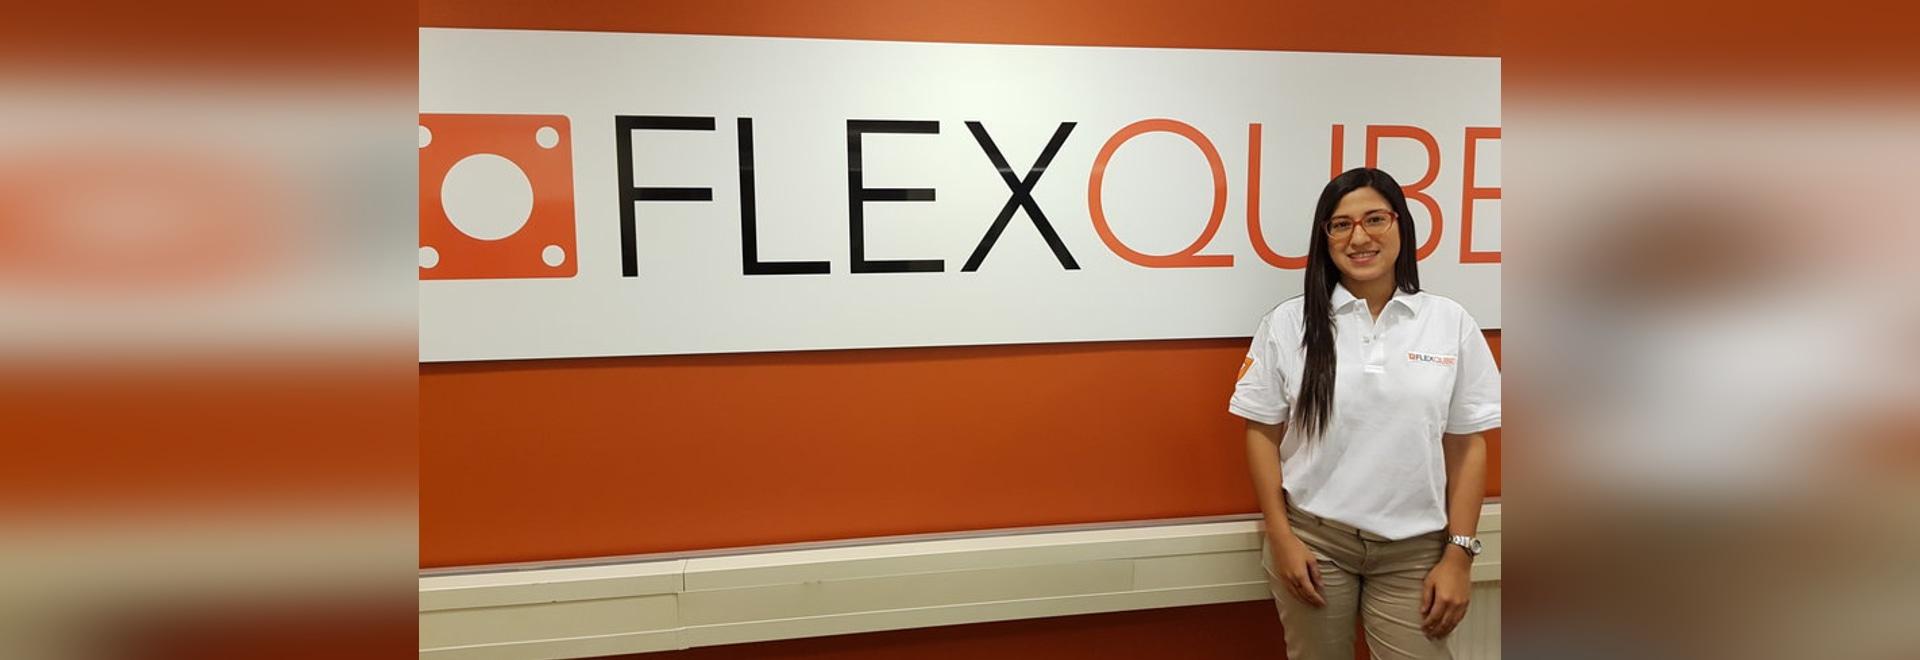 ¡FlexQube acoge con satisfacción a Cinthia To Our Design Team!